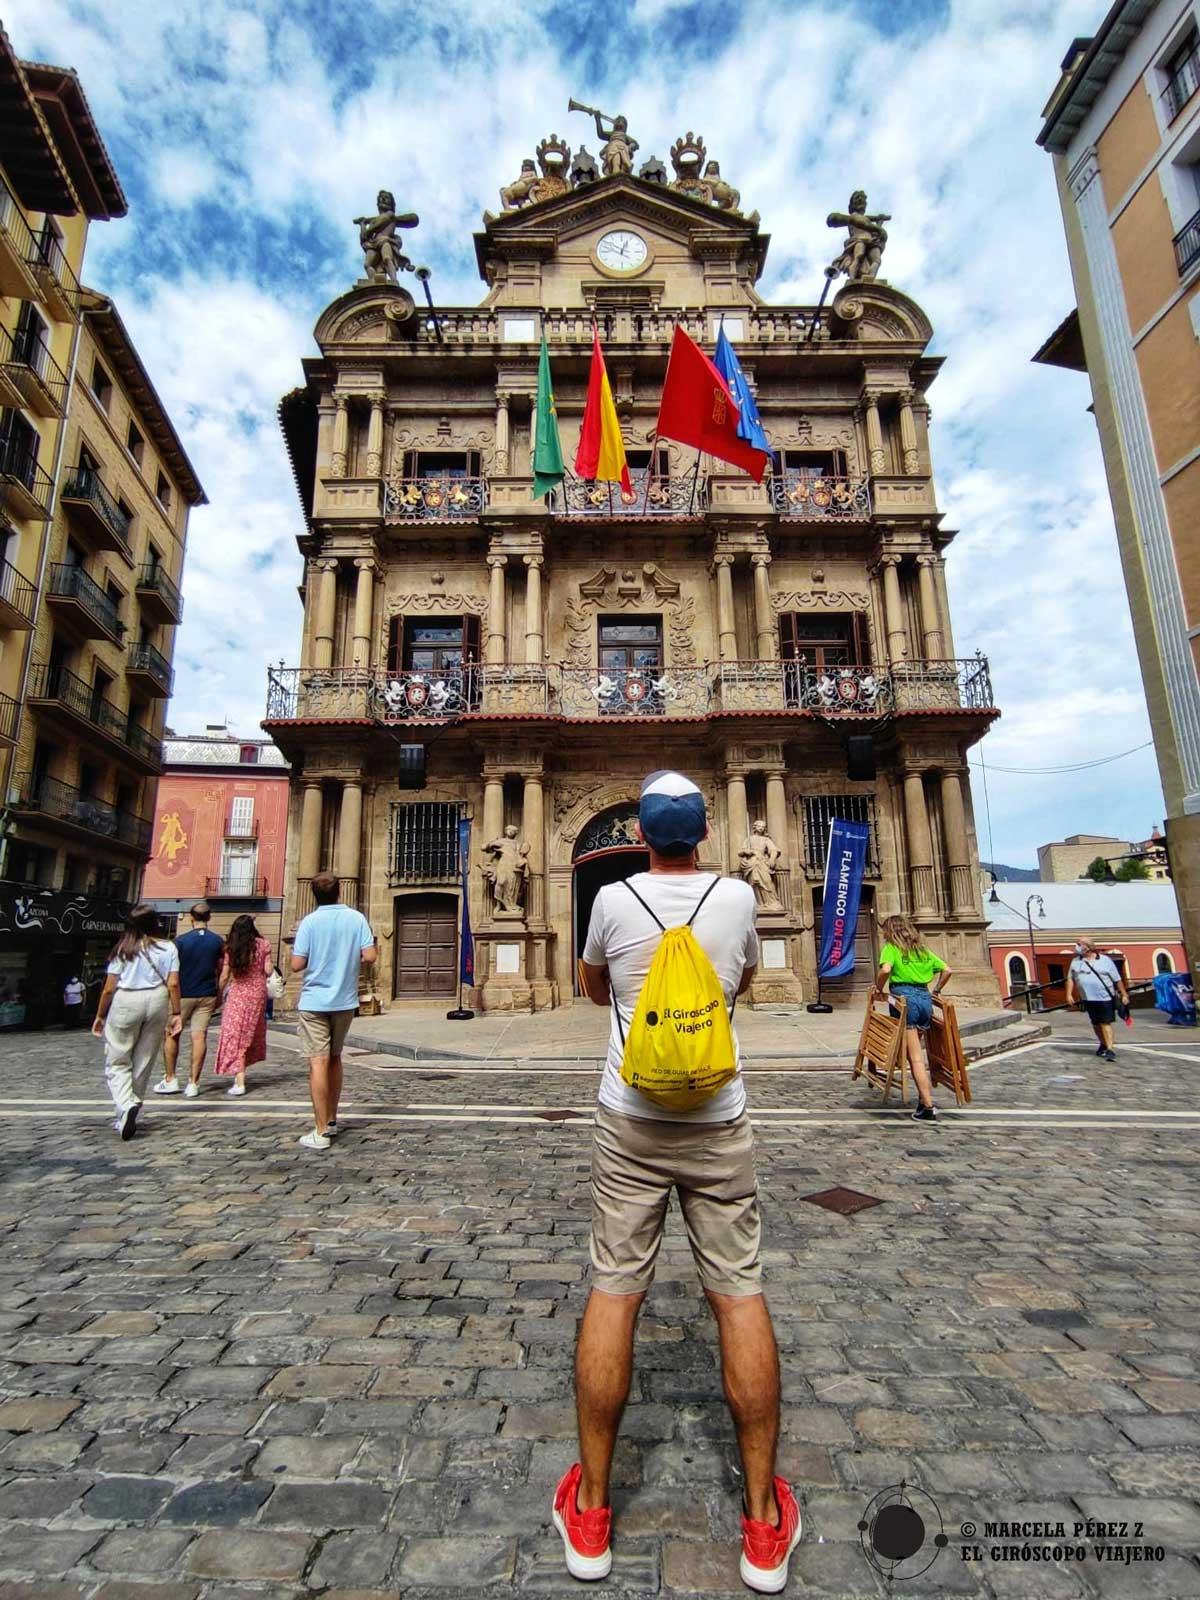 Frente al ayuntamiento de Pamplona, sede del chupinazo e inicio de las fiestas de San Fermín